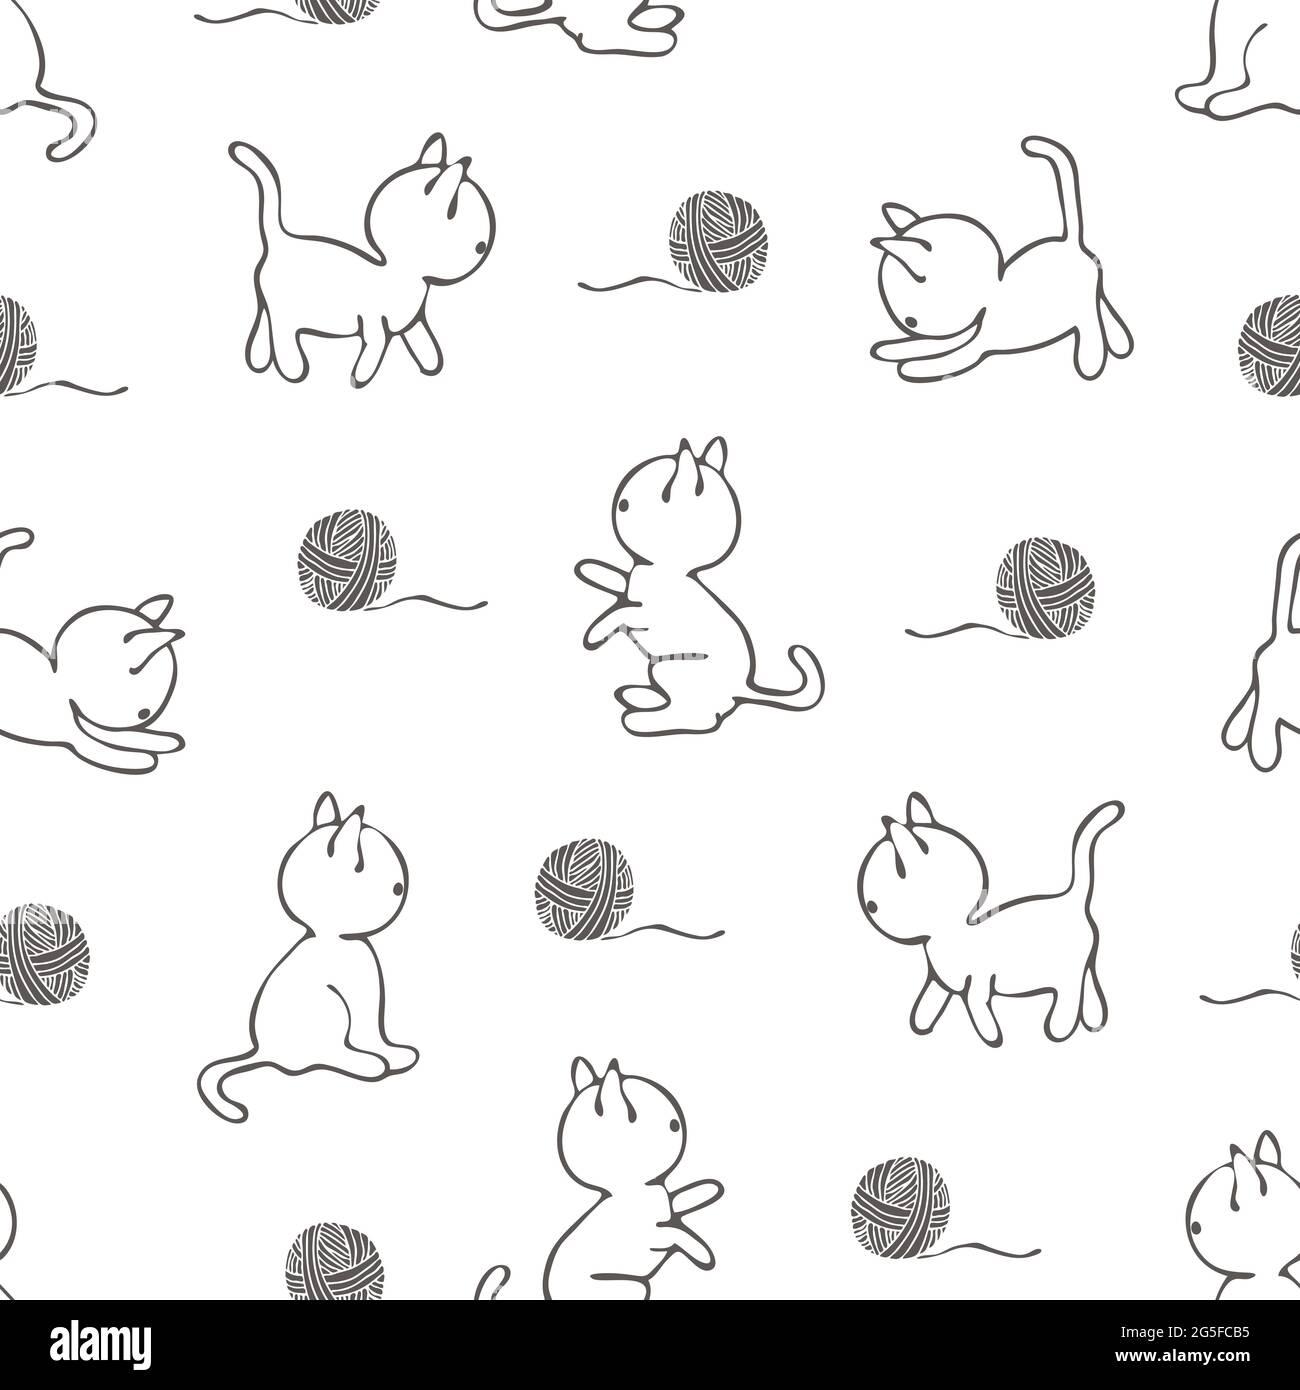 Motif vectoriel transparent avec chats sur fond blanc. Papier peint à motif animal style art. Joli tissu de mode chaton. Illustration de Vecteur